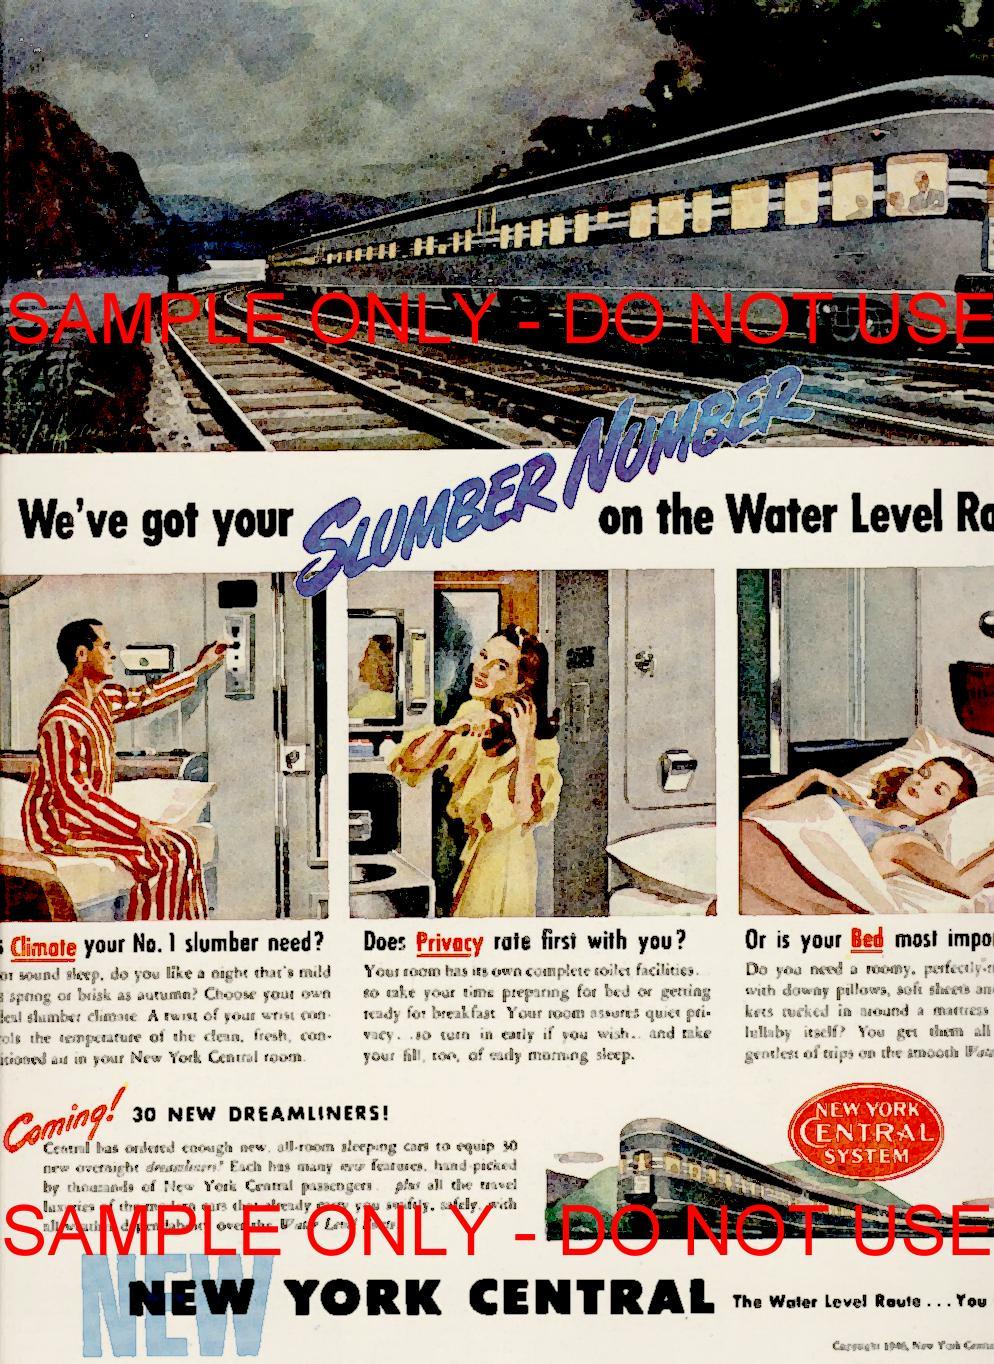 NY RailRoad poster 1940s